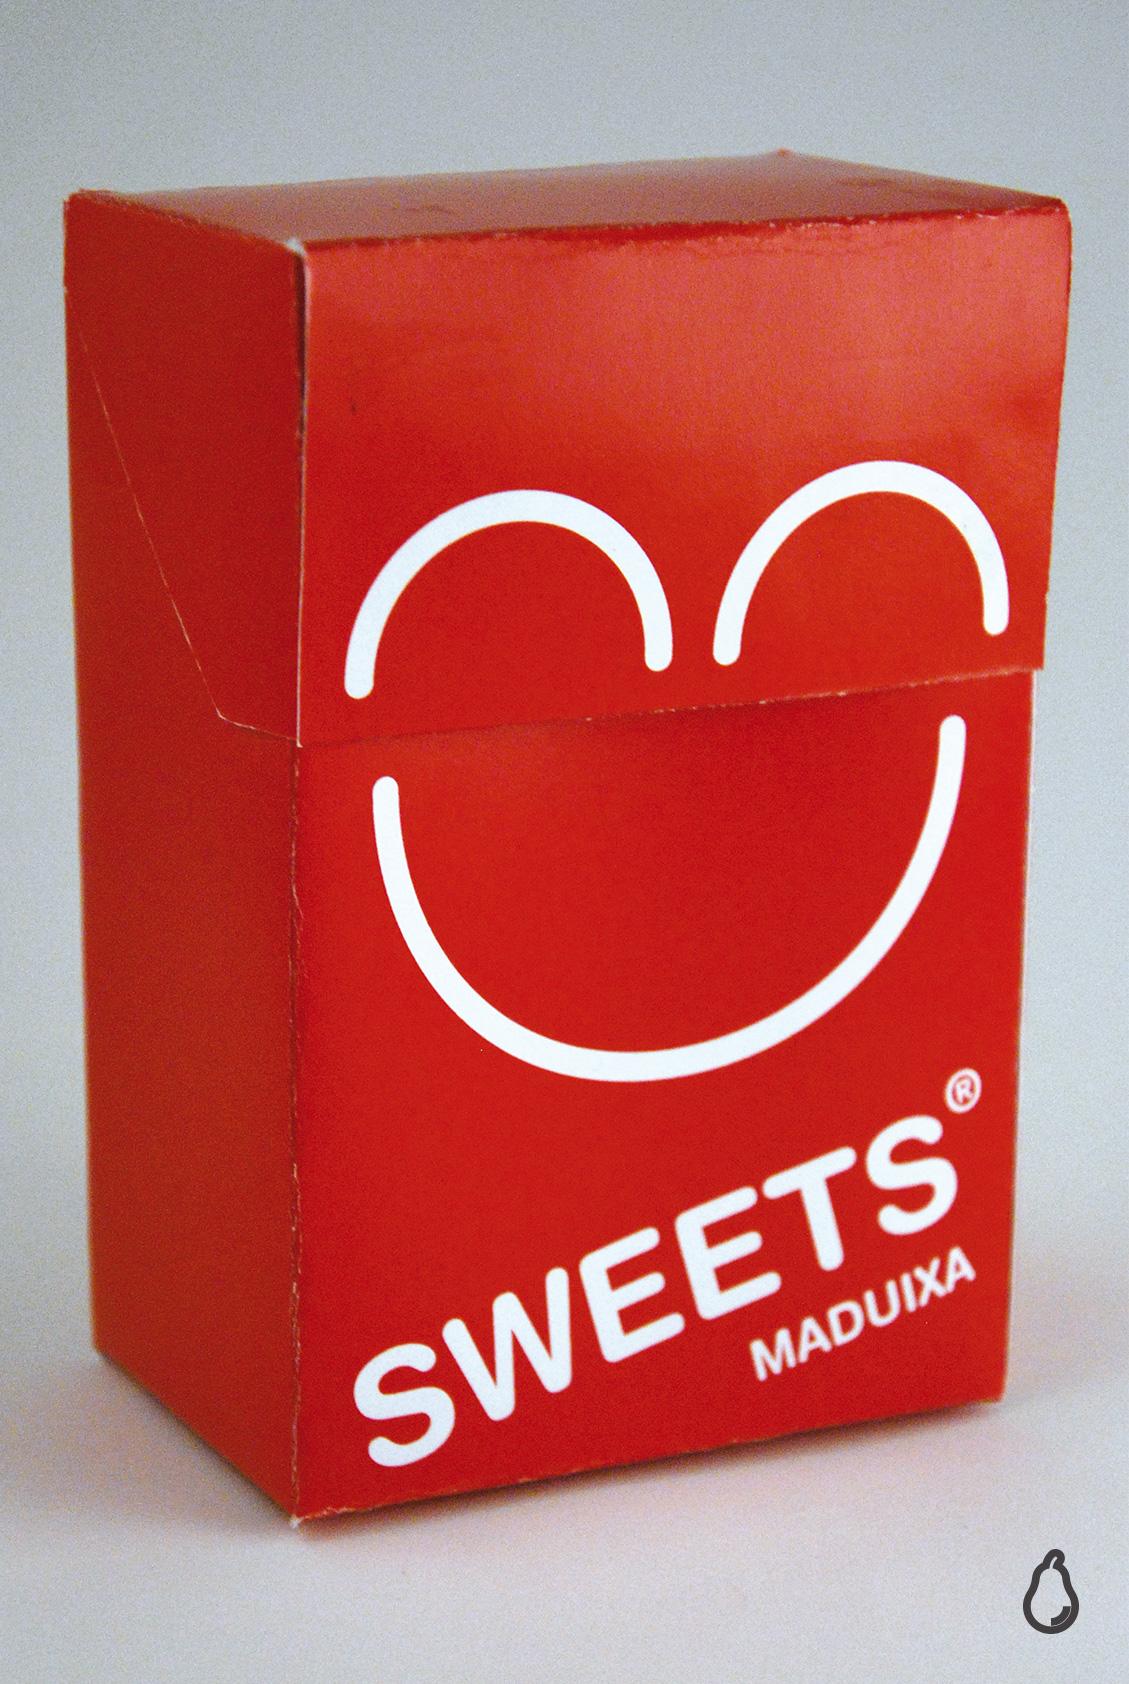 Sweets---maduixa